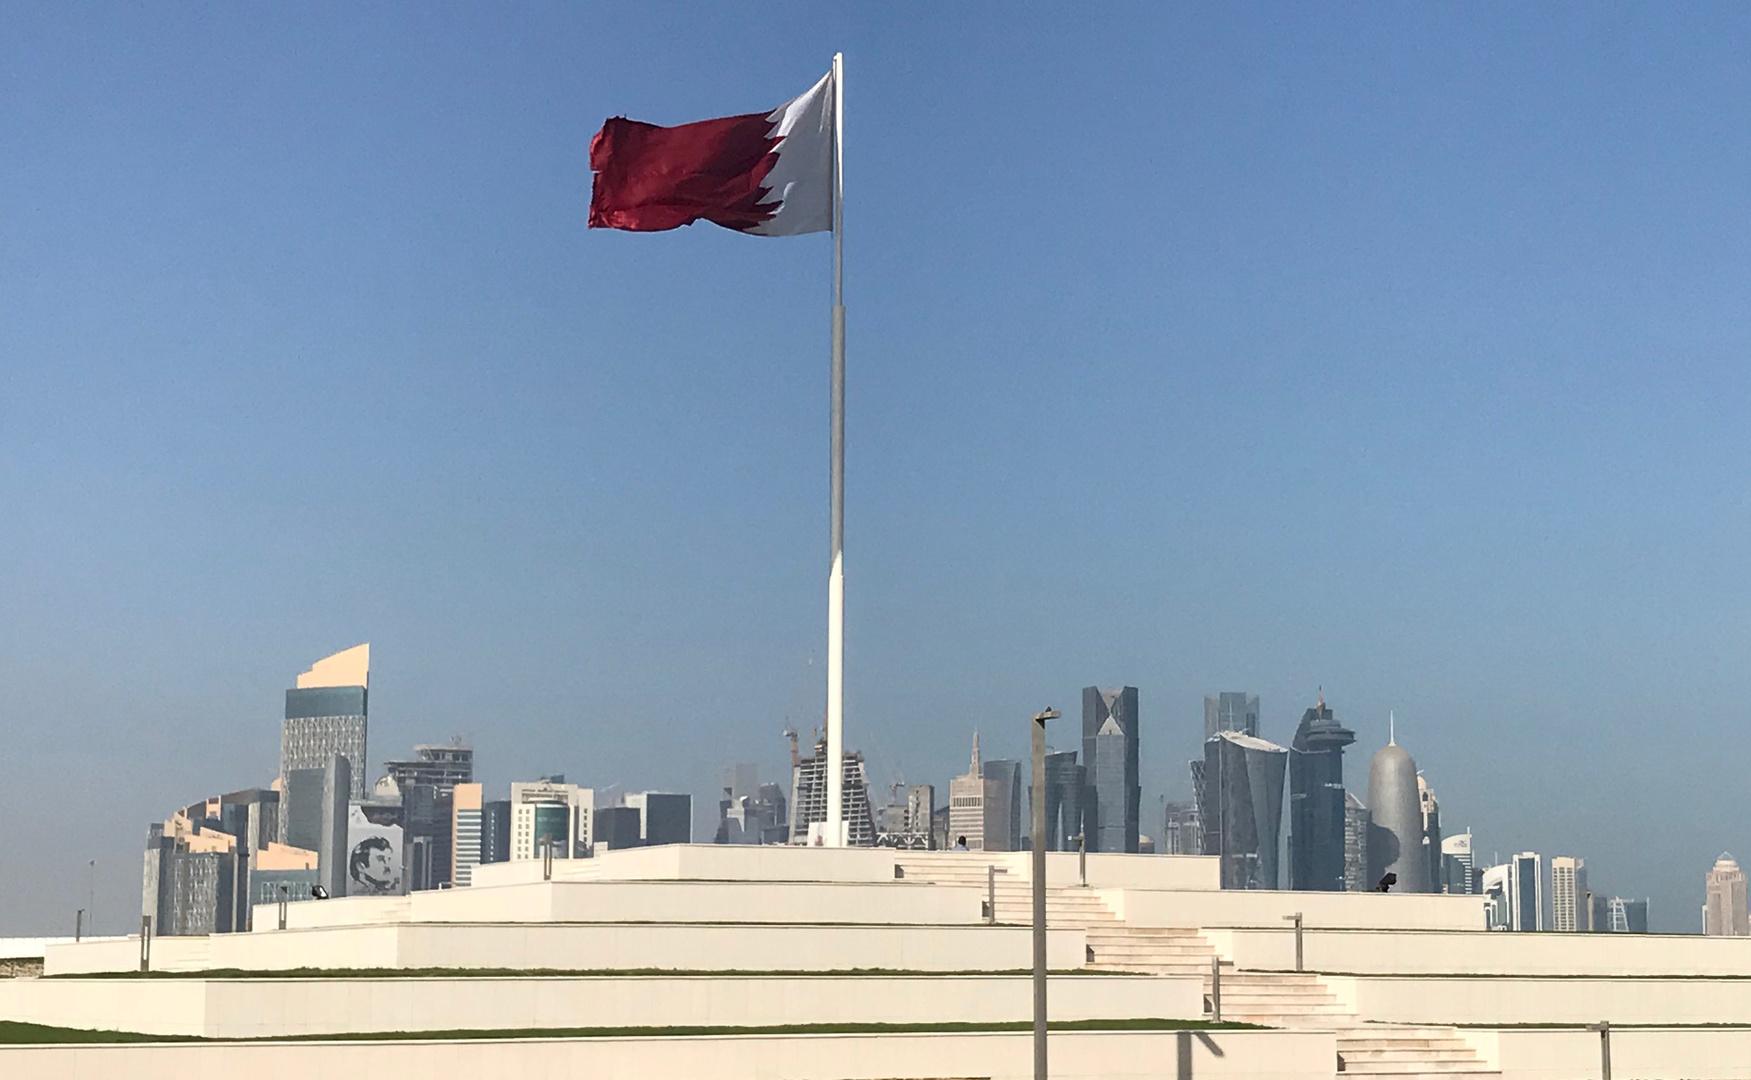 وزير الدولة القطري للشؤون الخارجية يصل السعودية.. وتوقعات بحضور أمير قطر